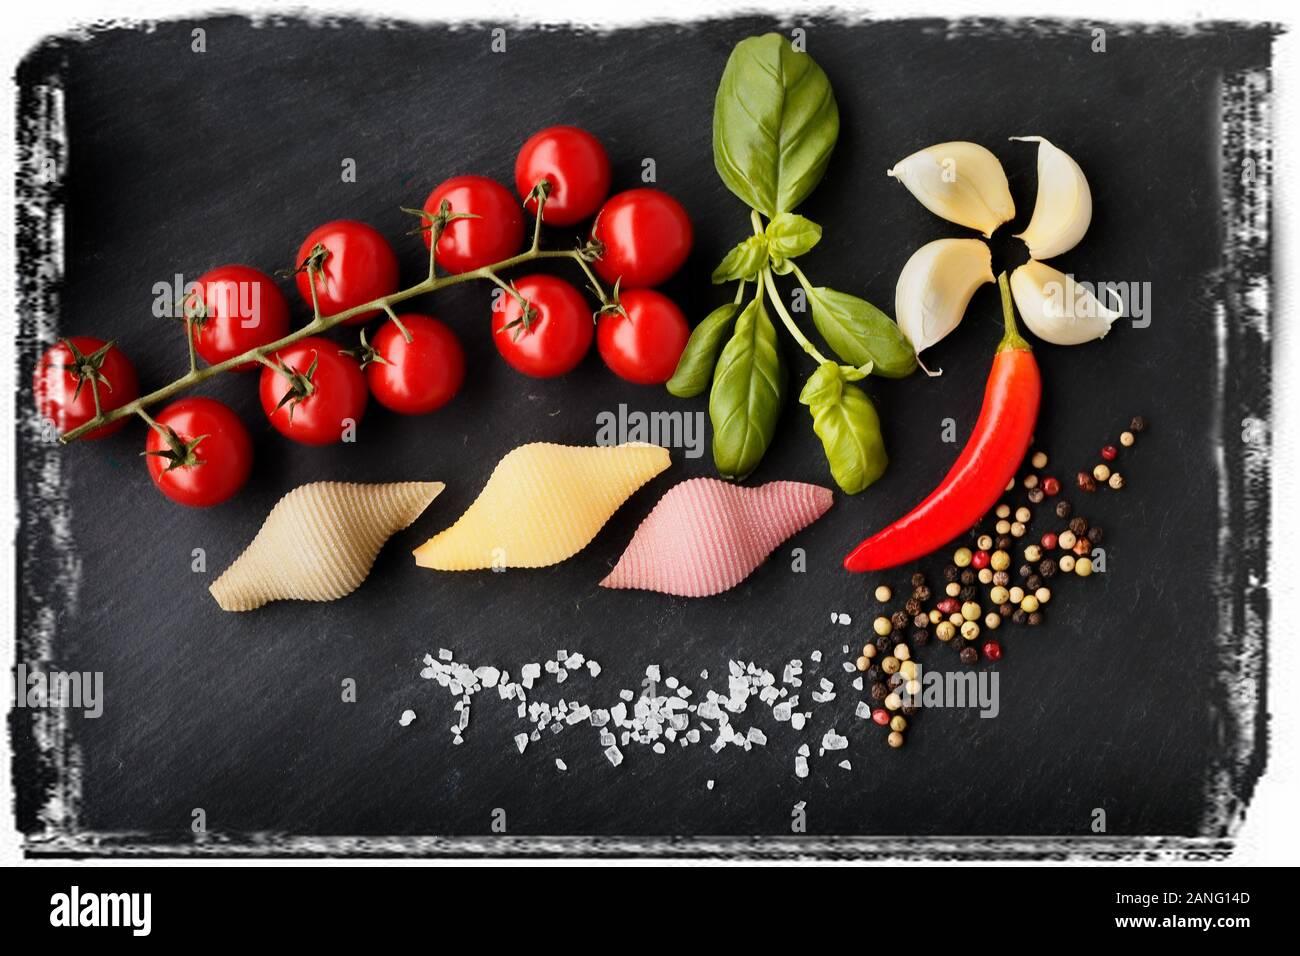 Pasta con ingredientes vegetales sobre una piedra negra para un plato de pasta italiano Foto de stock